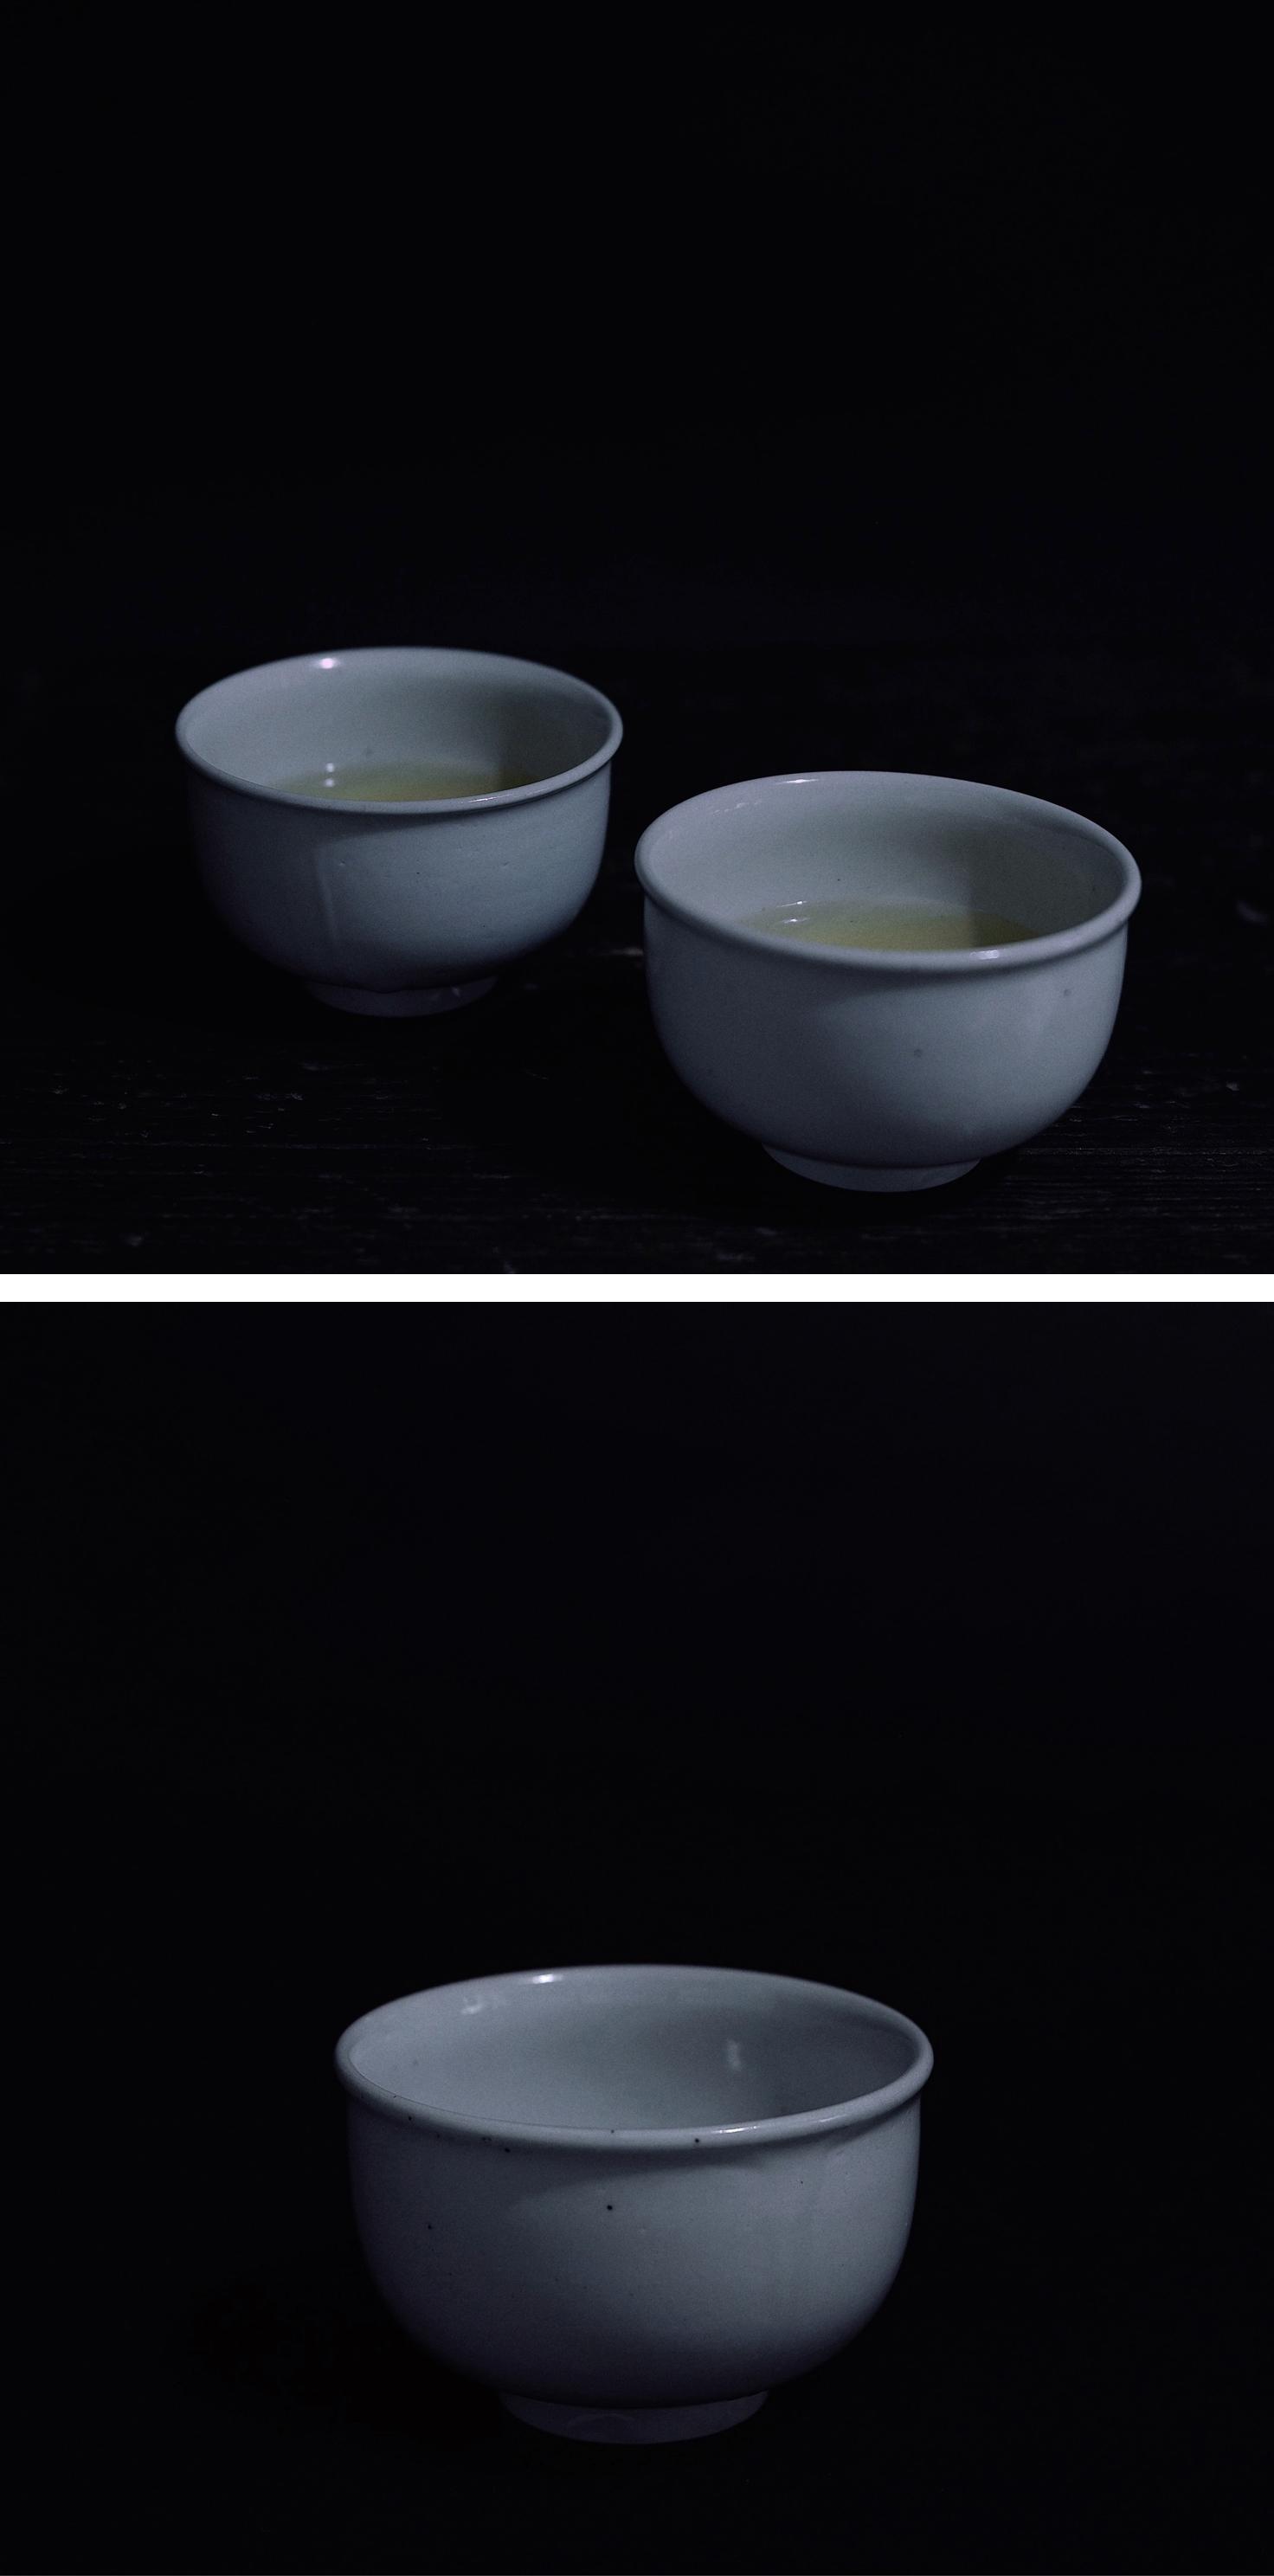 佐賀県伊万里の文祥窯がつくった東屋の汲出し